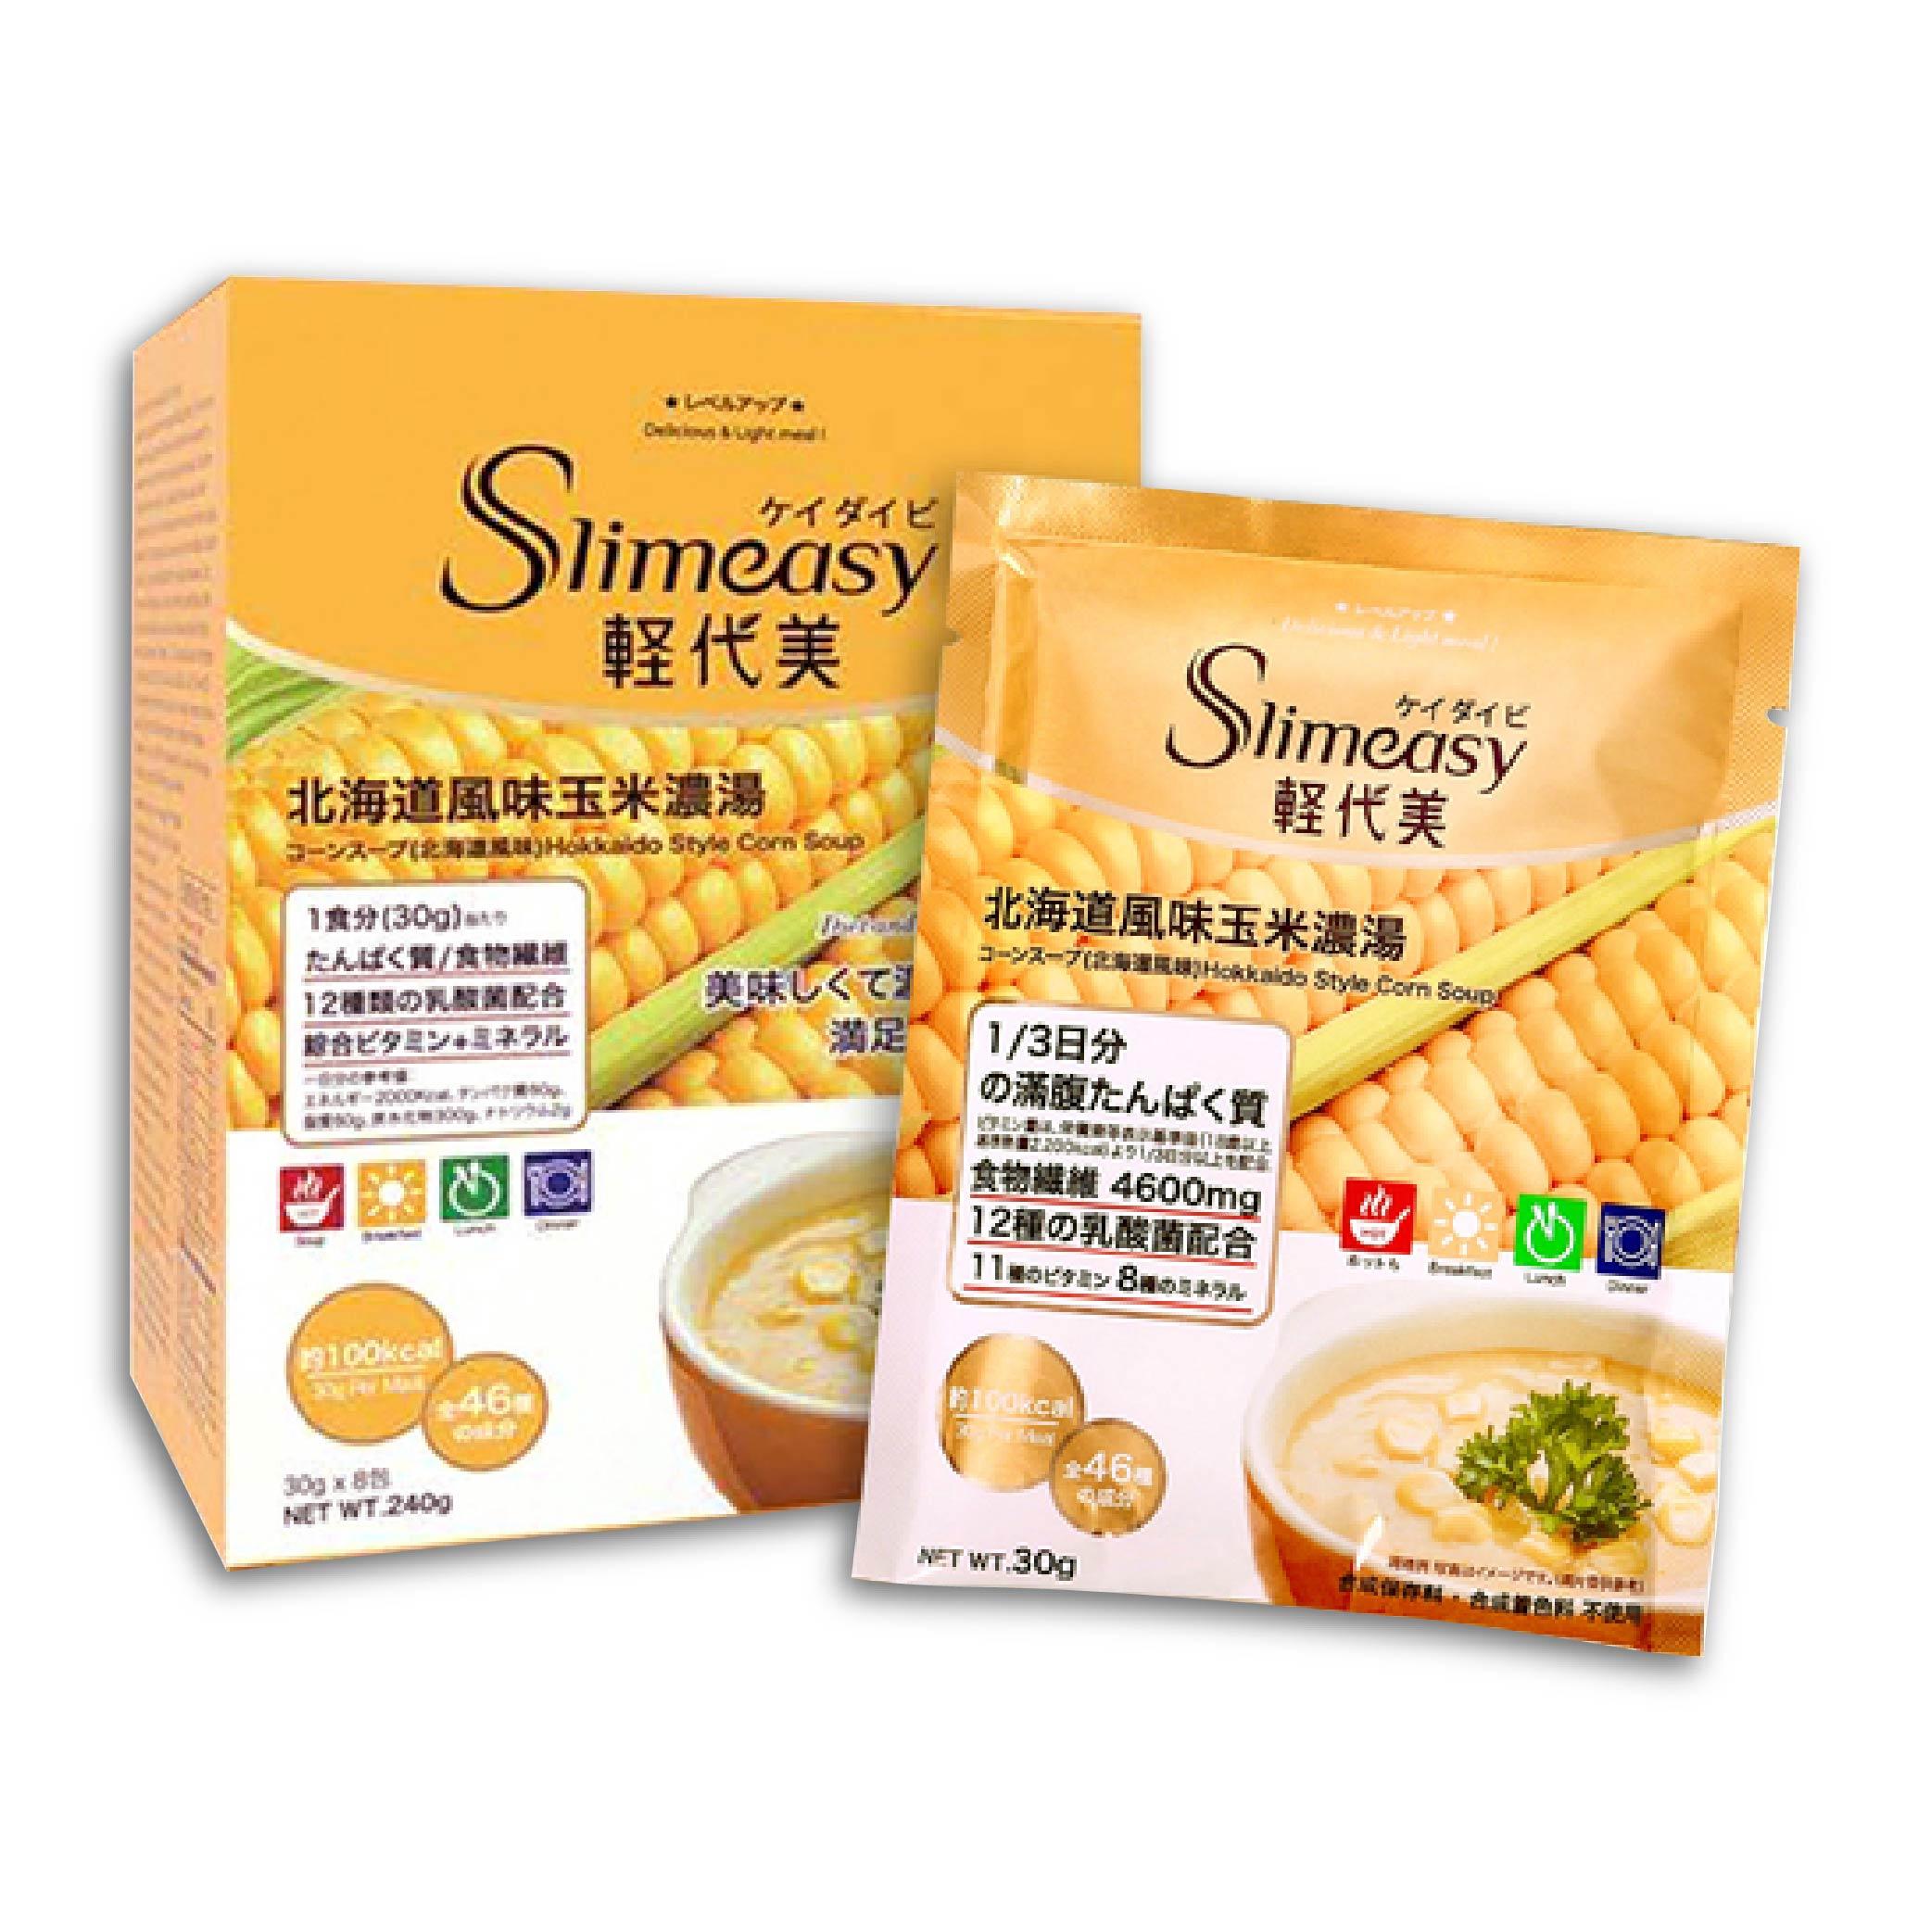 【Slimeasy輕代美】營養代餐 北海道風味玉米濃湯 隨身包 (30g/包) 8入